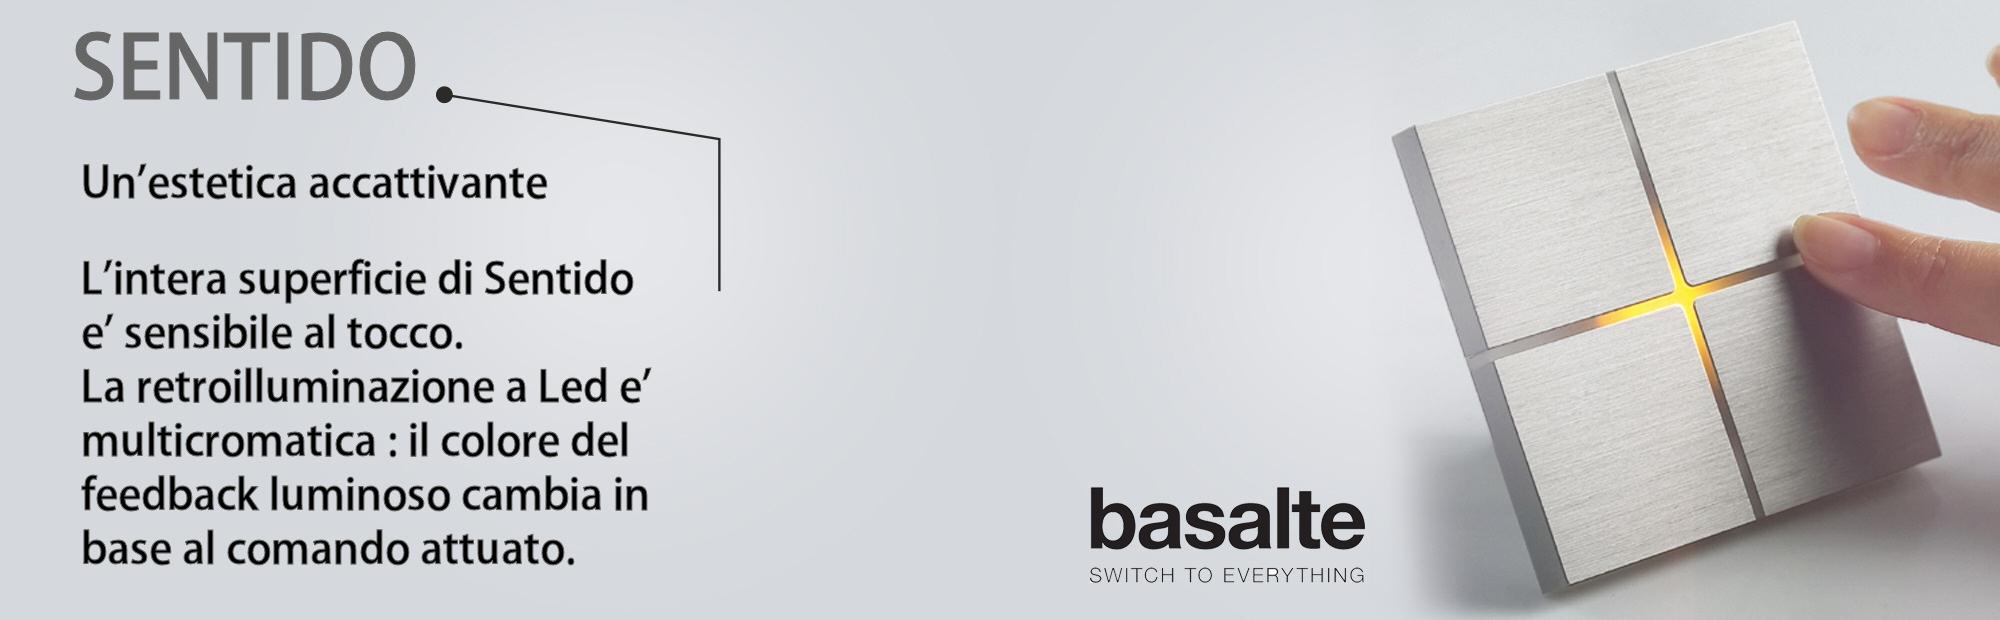 Domotica sentido basalte touch sensitive